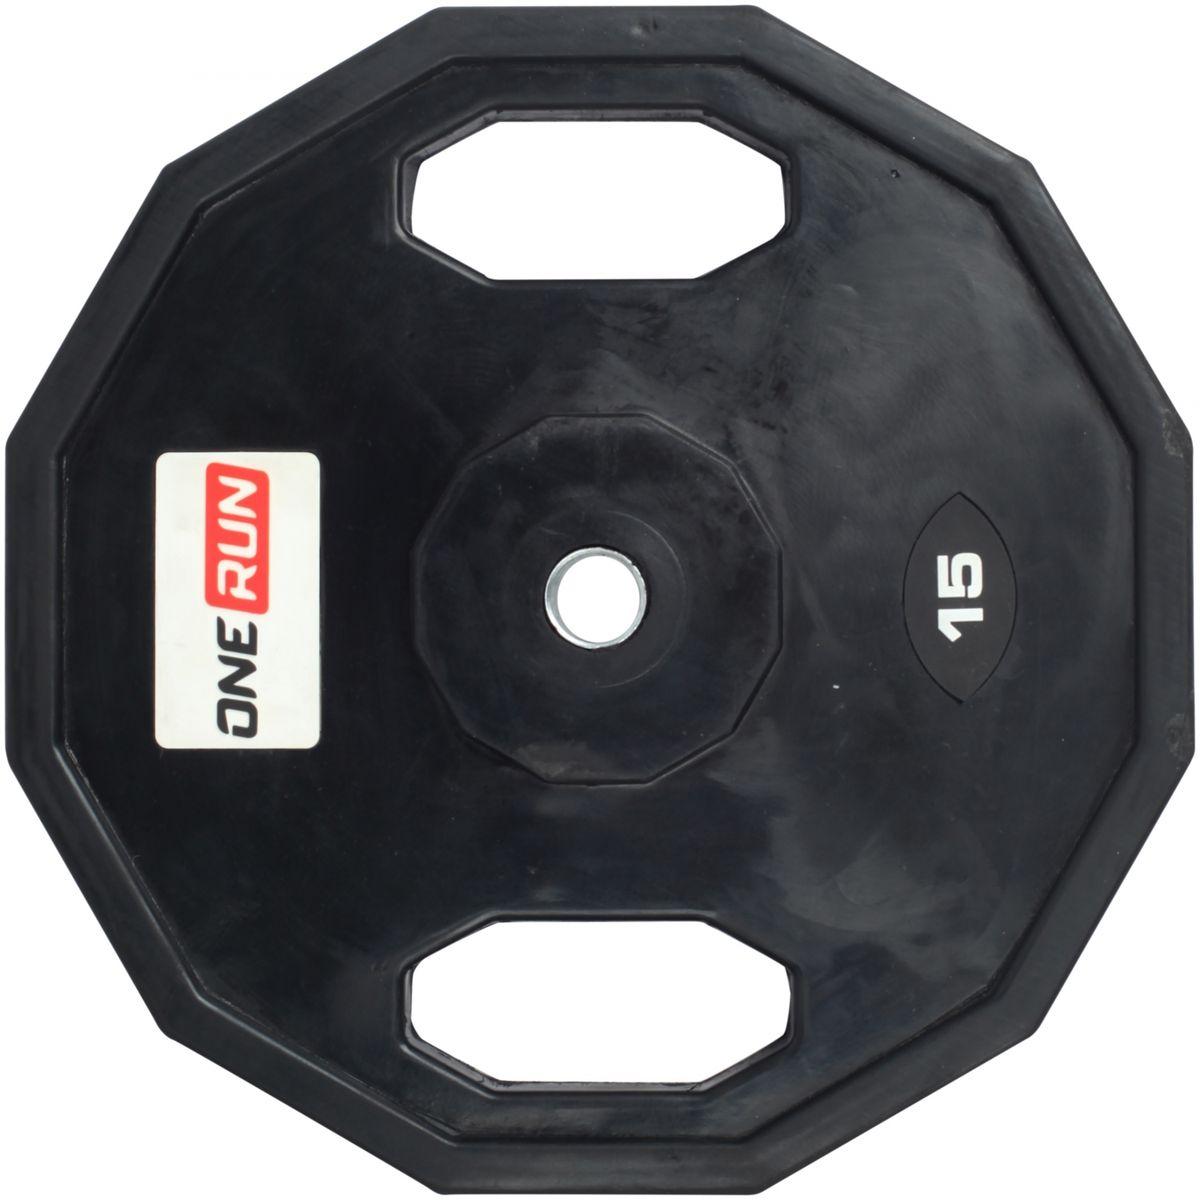 Диск обрезиненный OneRun 15 кг с хватами, диаметр 26 мм, черный, 471-8359471-8359Диск обрезиненный OneRun предназначен для занятий со штангой, так же его можно использовать как отельный снаряд благодаря двум хватам. Данные хваты так же обеспечивают удобство установки на гриф и переноску дисков. Грани по краям диска не дают диску скатываться при тренировках со штангой. Металлическая посадочная втулка увеличивает износостойкость диска и продлевая срок службы. Обрезиненная поверхность диска защищает пол от повреждений, а также снижает уровень шума при занятиях. Диаметр диска (внешний): 37 см. Толщина диска: 4 см. Посадочный диаметр диска: 26 мм.